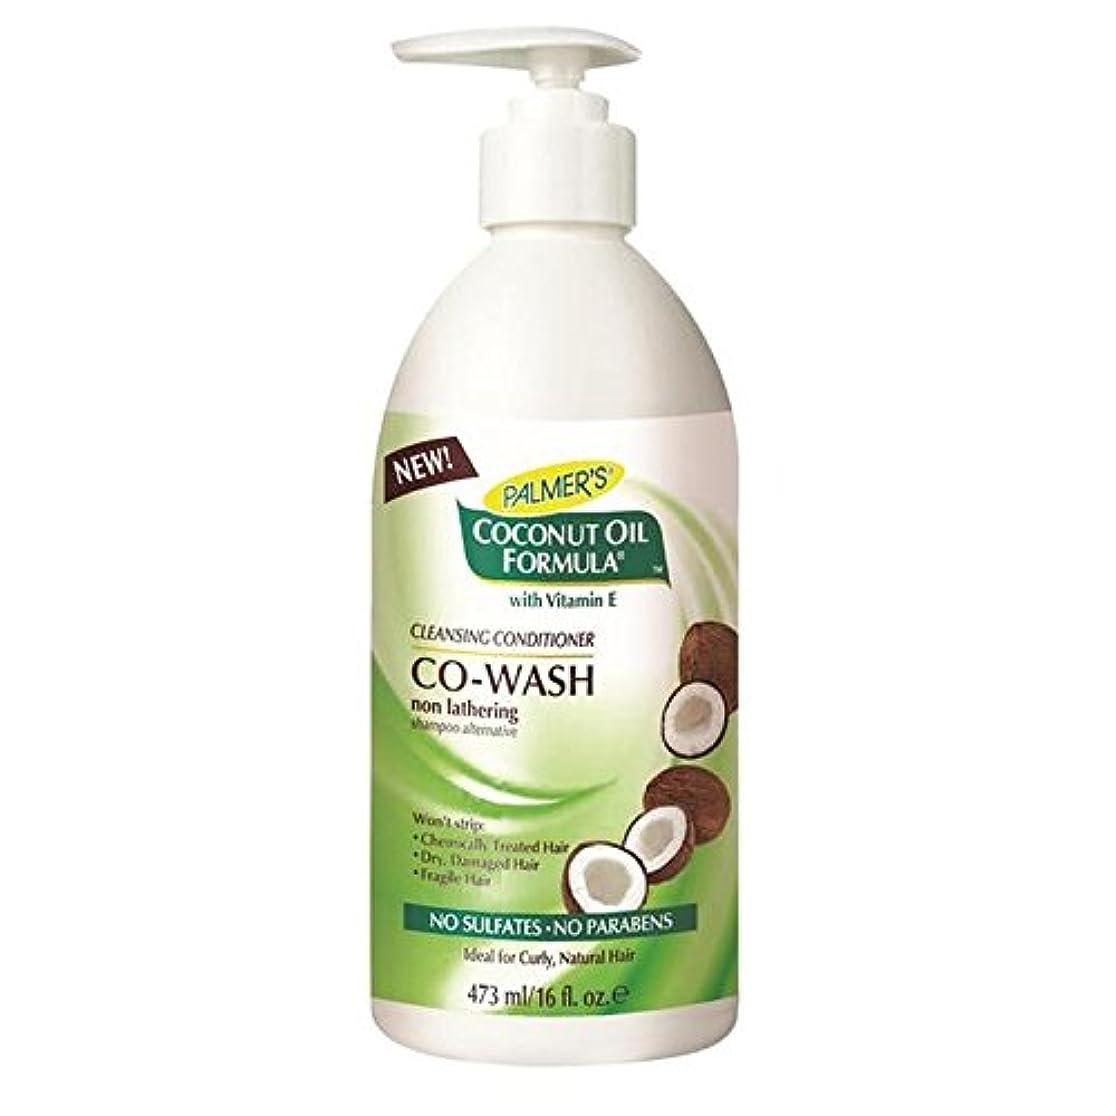 スケッチ高原ホイットニーPalmer's Coconut Formula Co-Wash Cleansing Conditioner, Shampoo Alternative 473ml - パーマーのココナッツ式コウォッシュクレンジングコンディショナー...